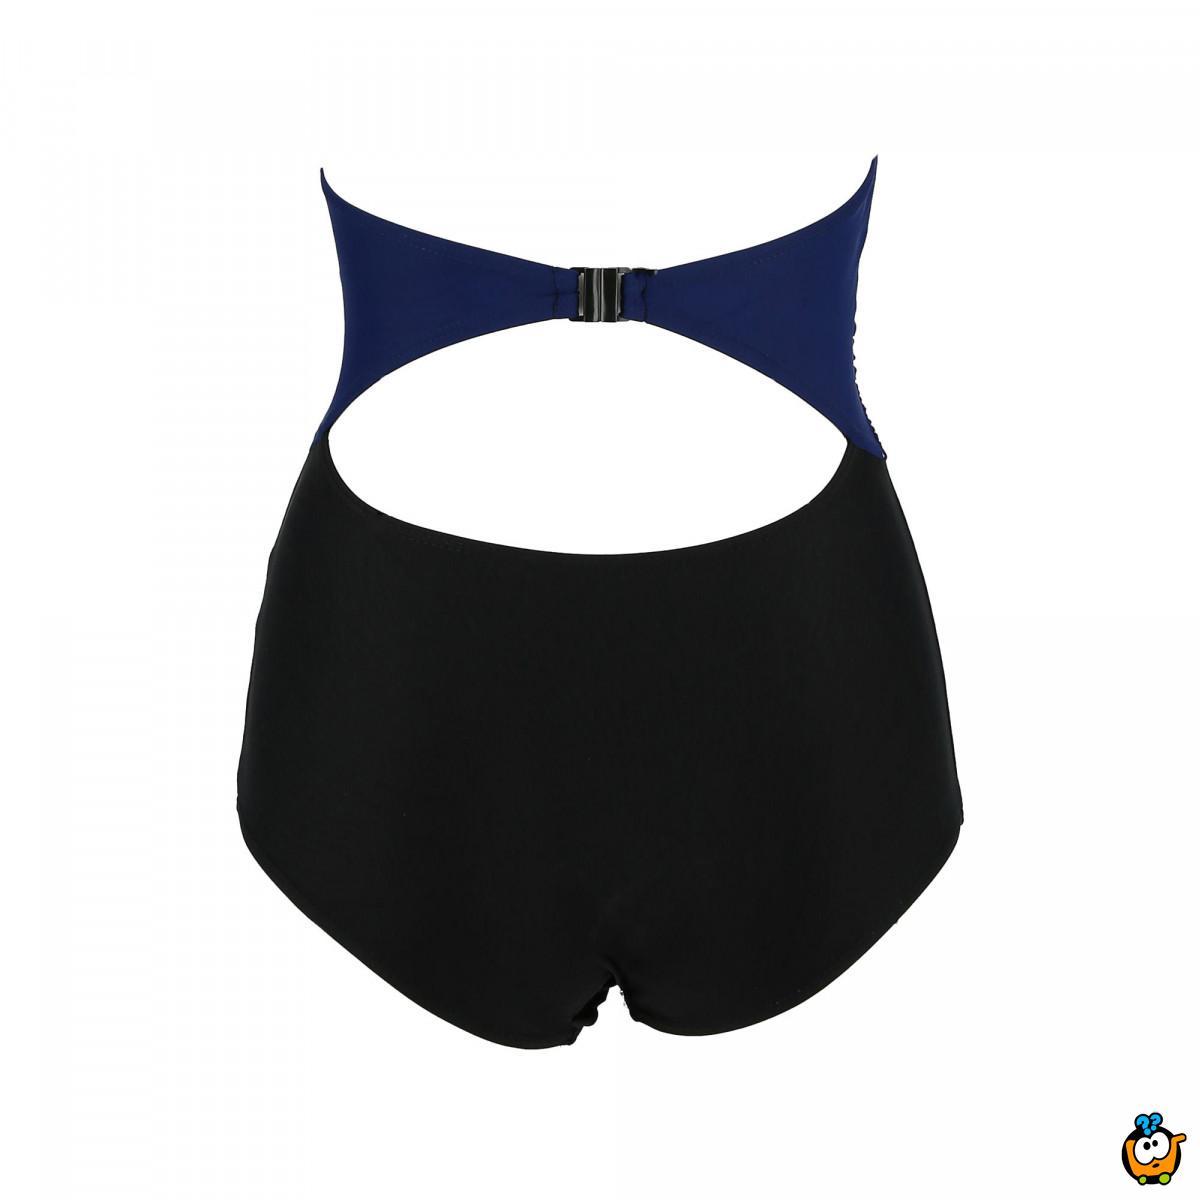 Jednodelni ženski kupaći kostim- 2TOP TIBETIAN BLUE